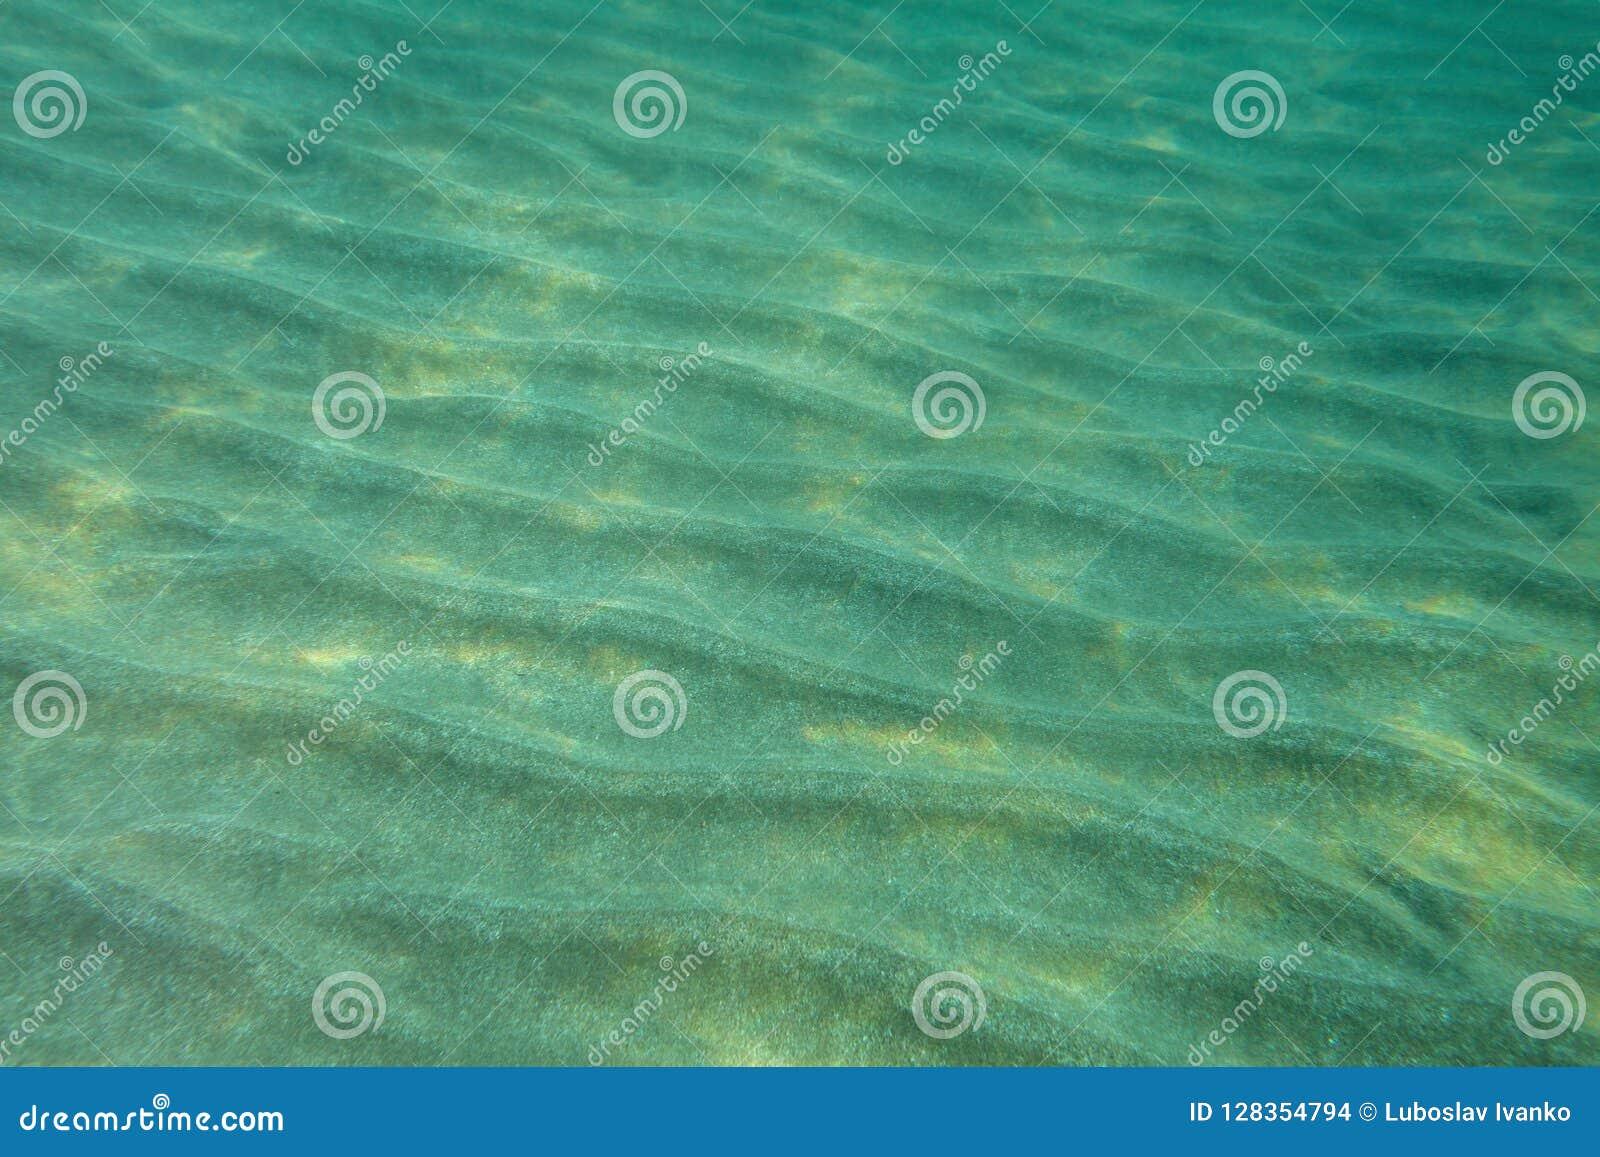 Undervattens- foto för havsbotten,